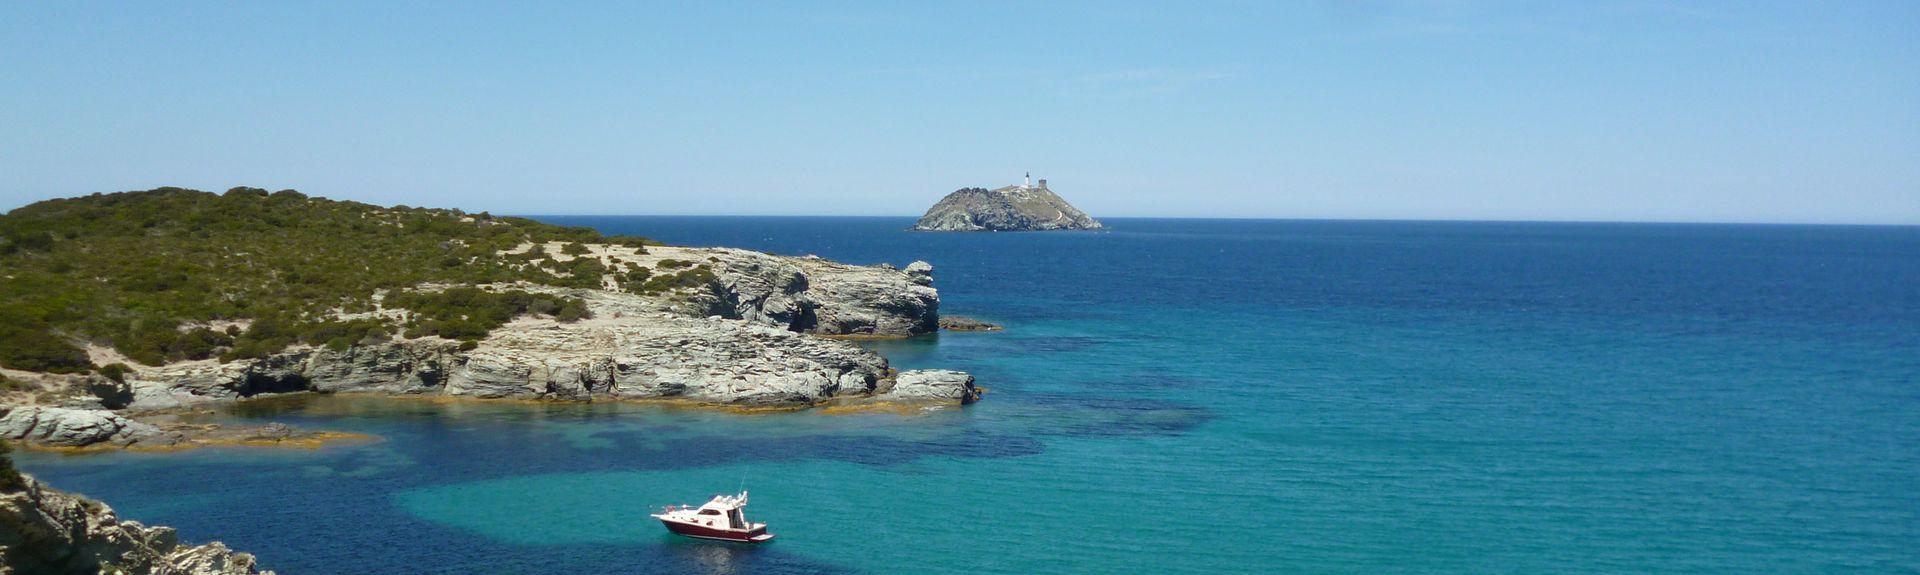 Communauté de Communes du Cap Corse, Haute-Corse, França